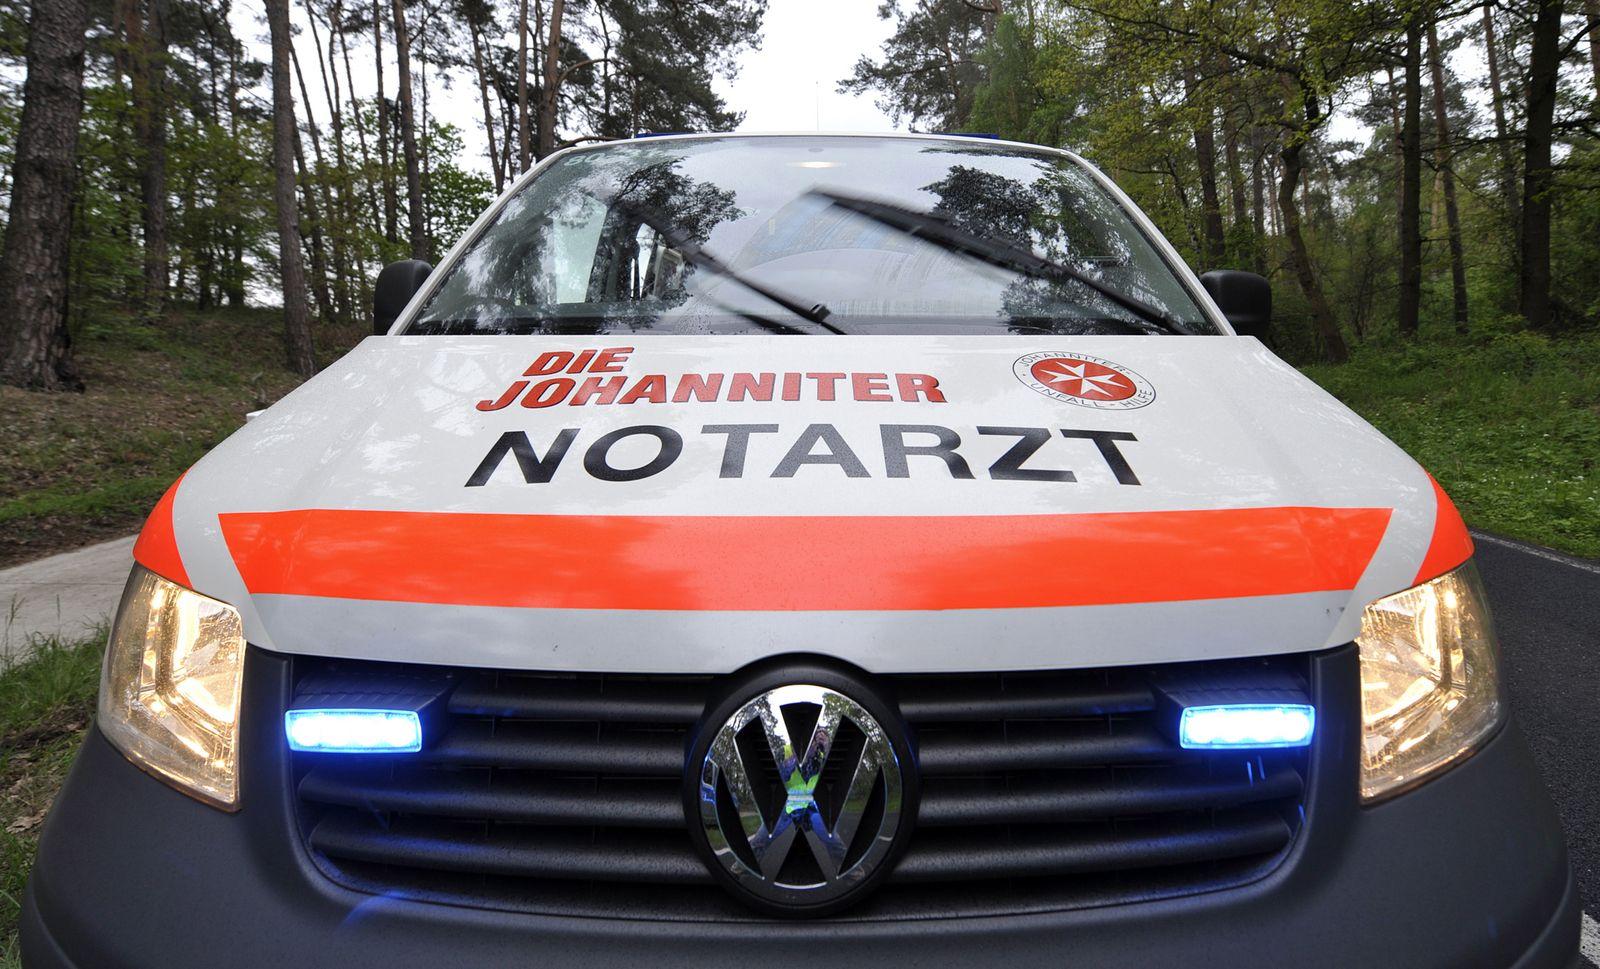 NICHT VERWENDEN Die Johanniter / Notarzt / Krankenwagen / Notarztwagen